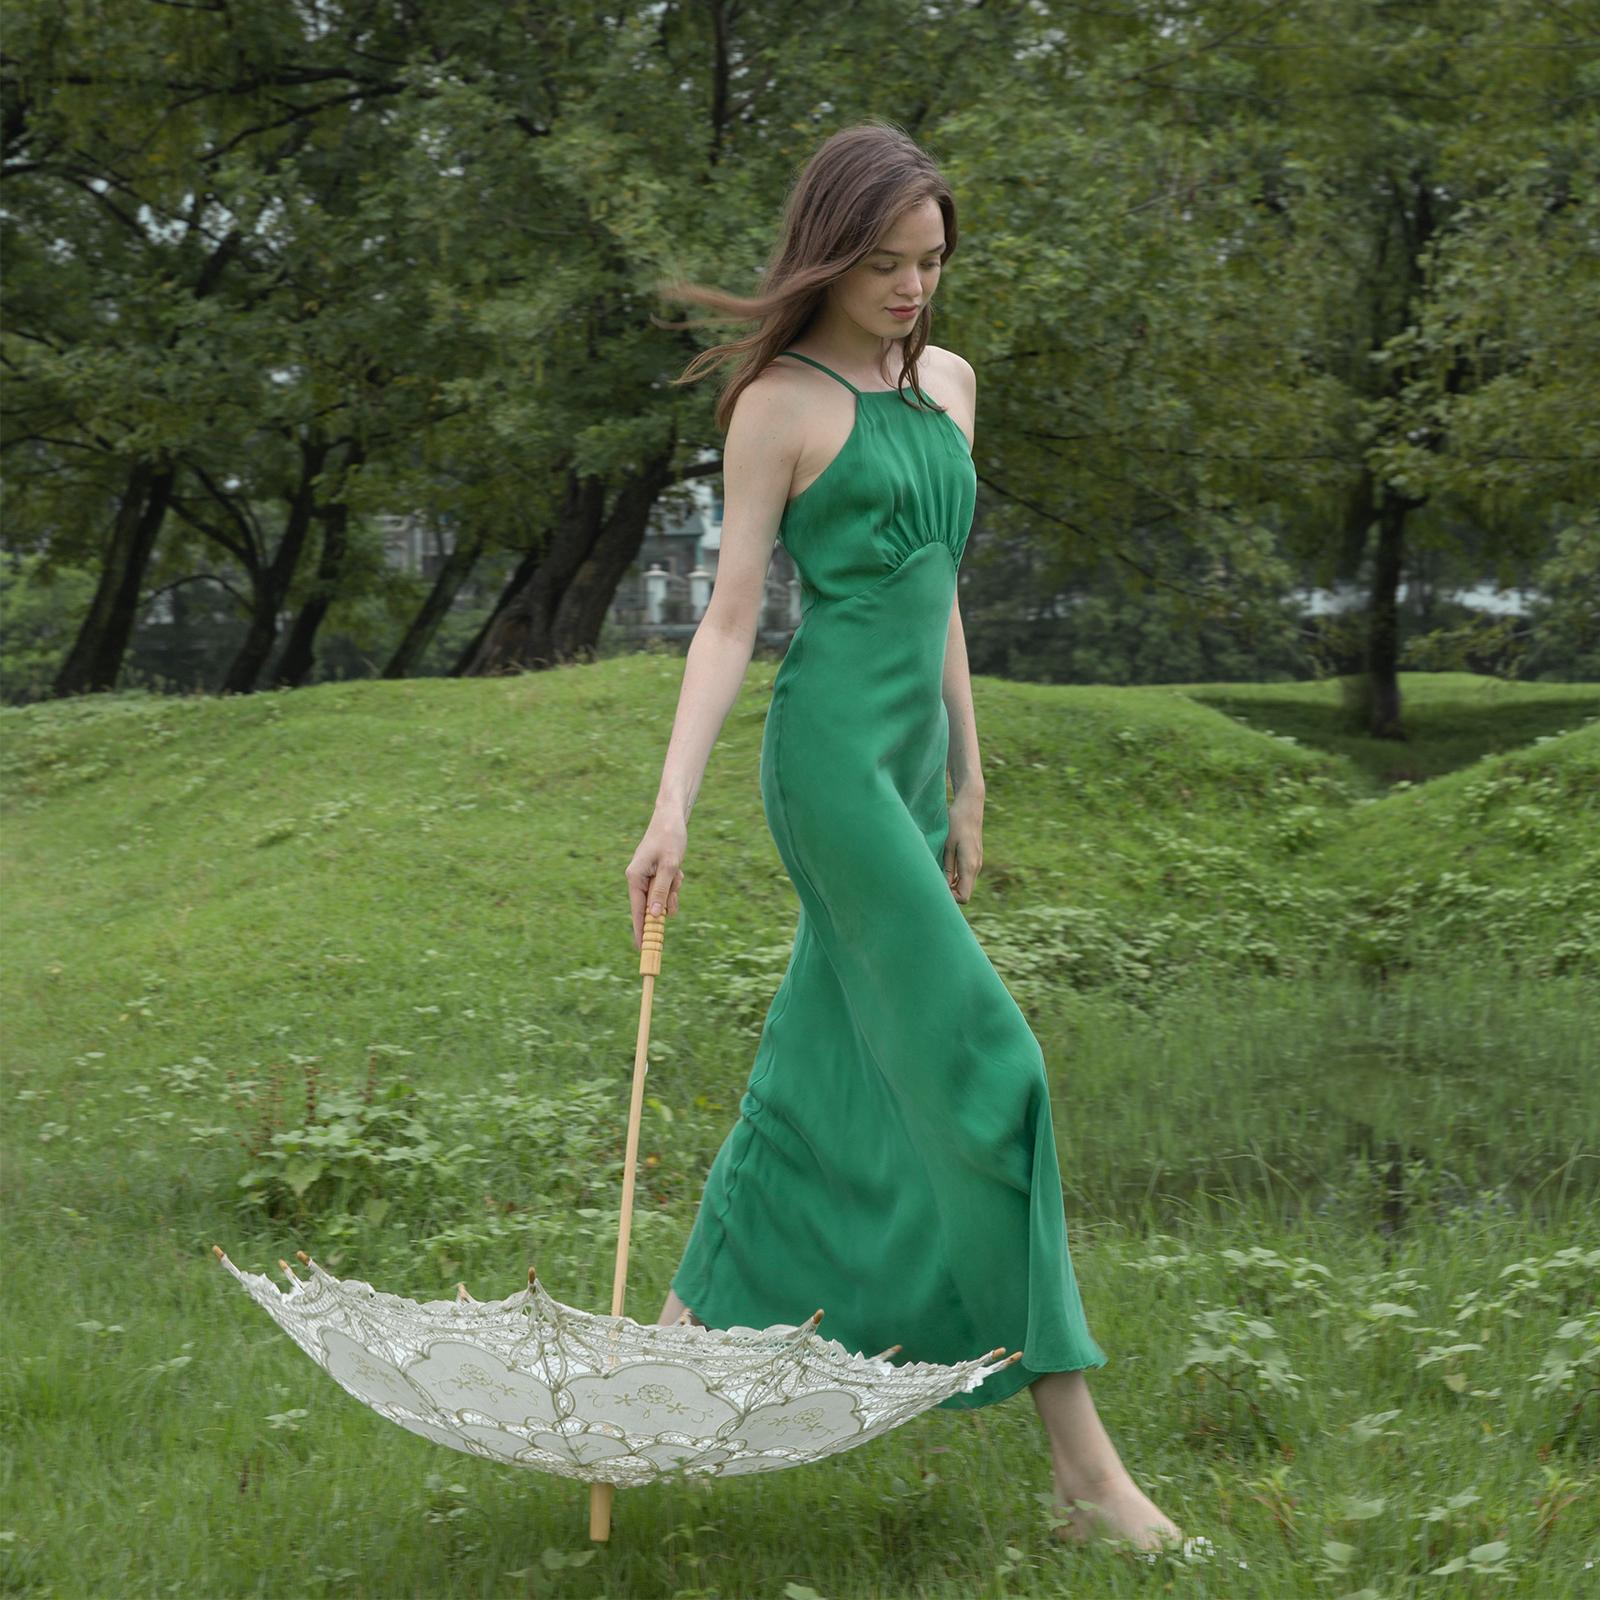 绿色背心 挂脖连衣裙优雅小众2020夏新款高端修身露背绿色背心渡假吊带长裙_推荐淘宝好看的绿色背心